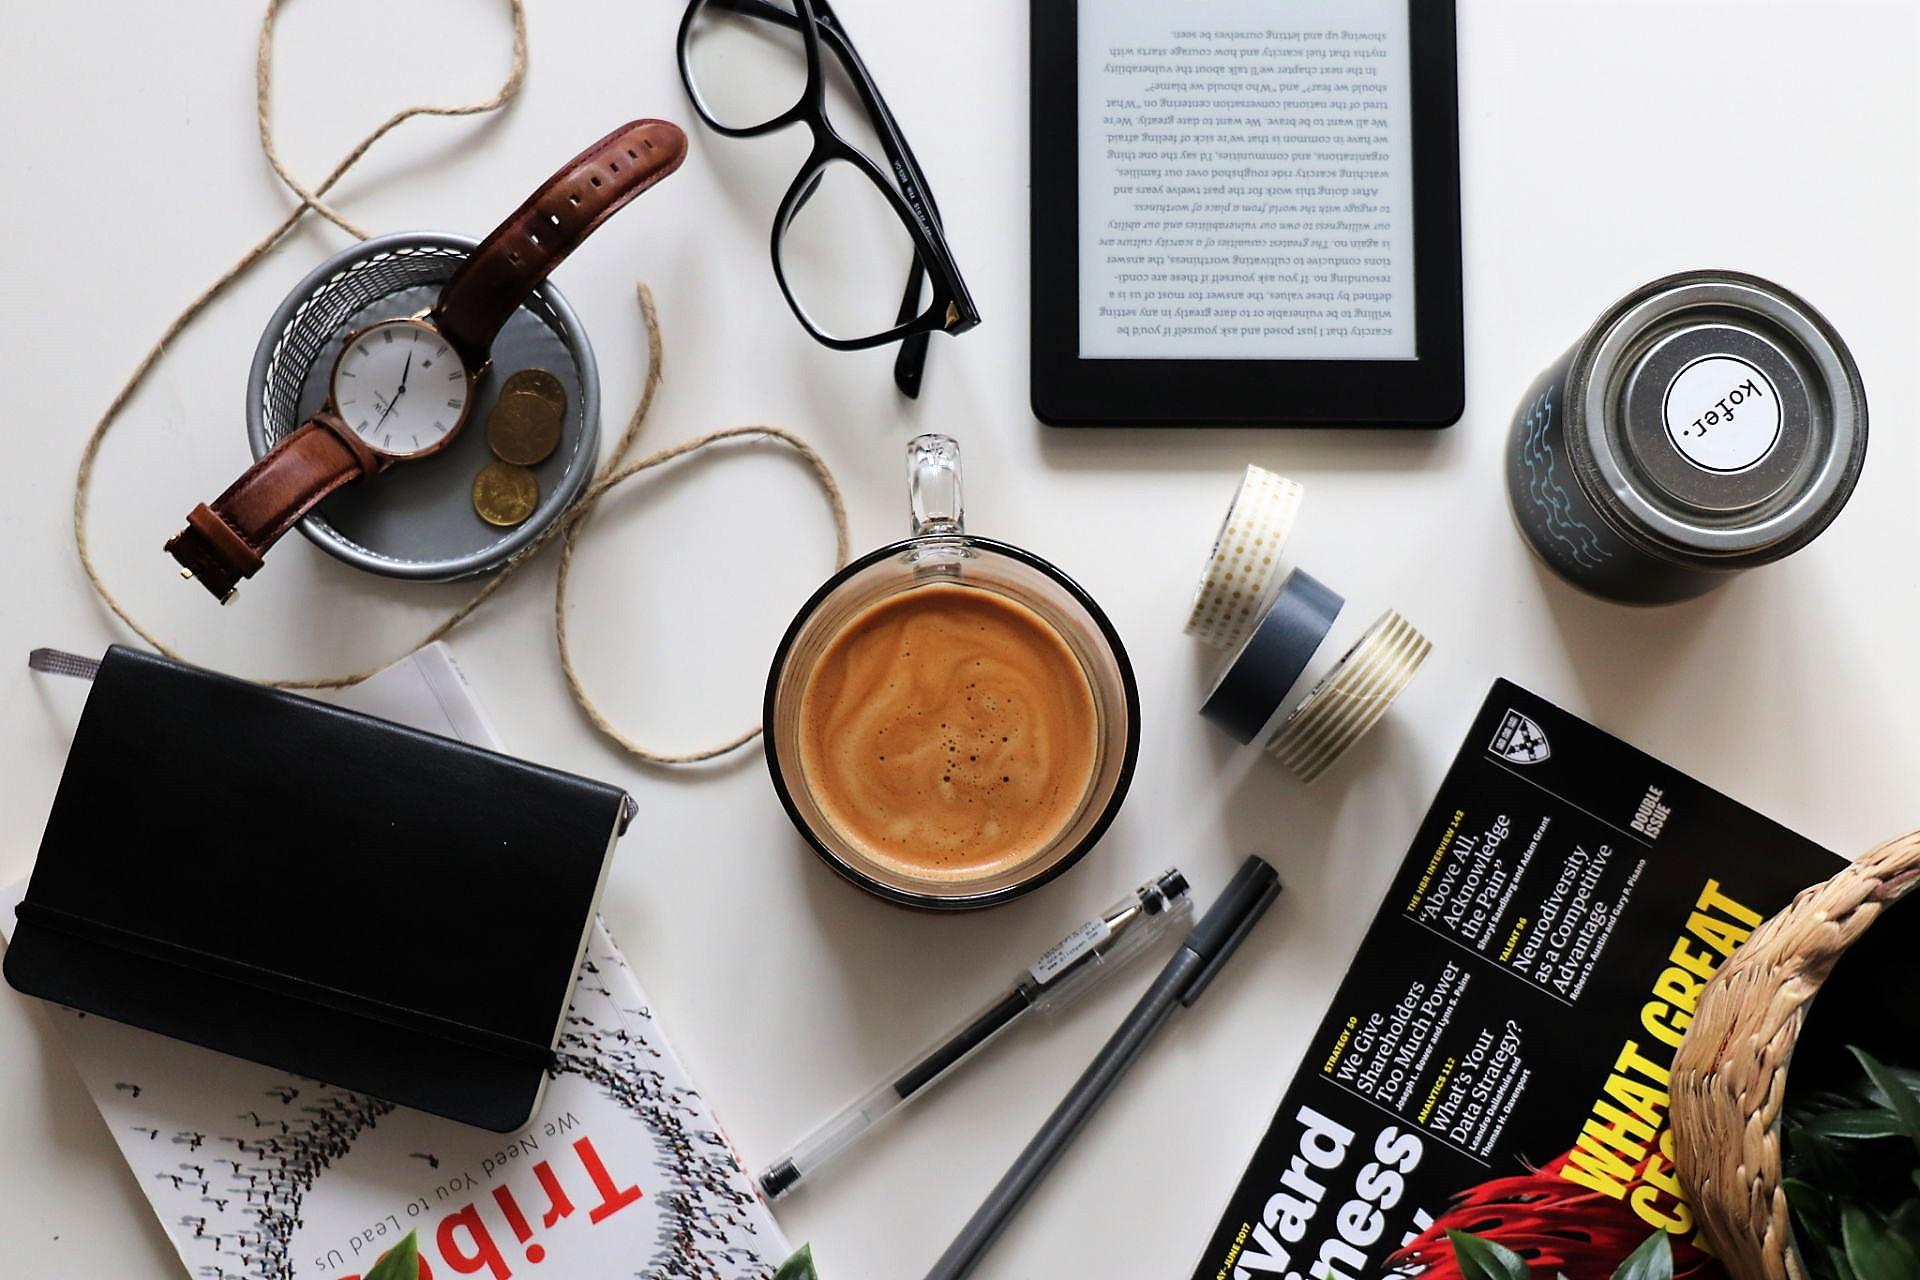 Univerzalni savjeti o uspjehu – postoji li tako nešto uopće